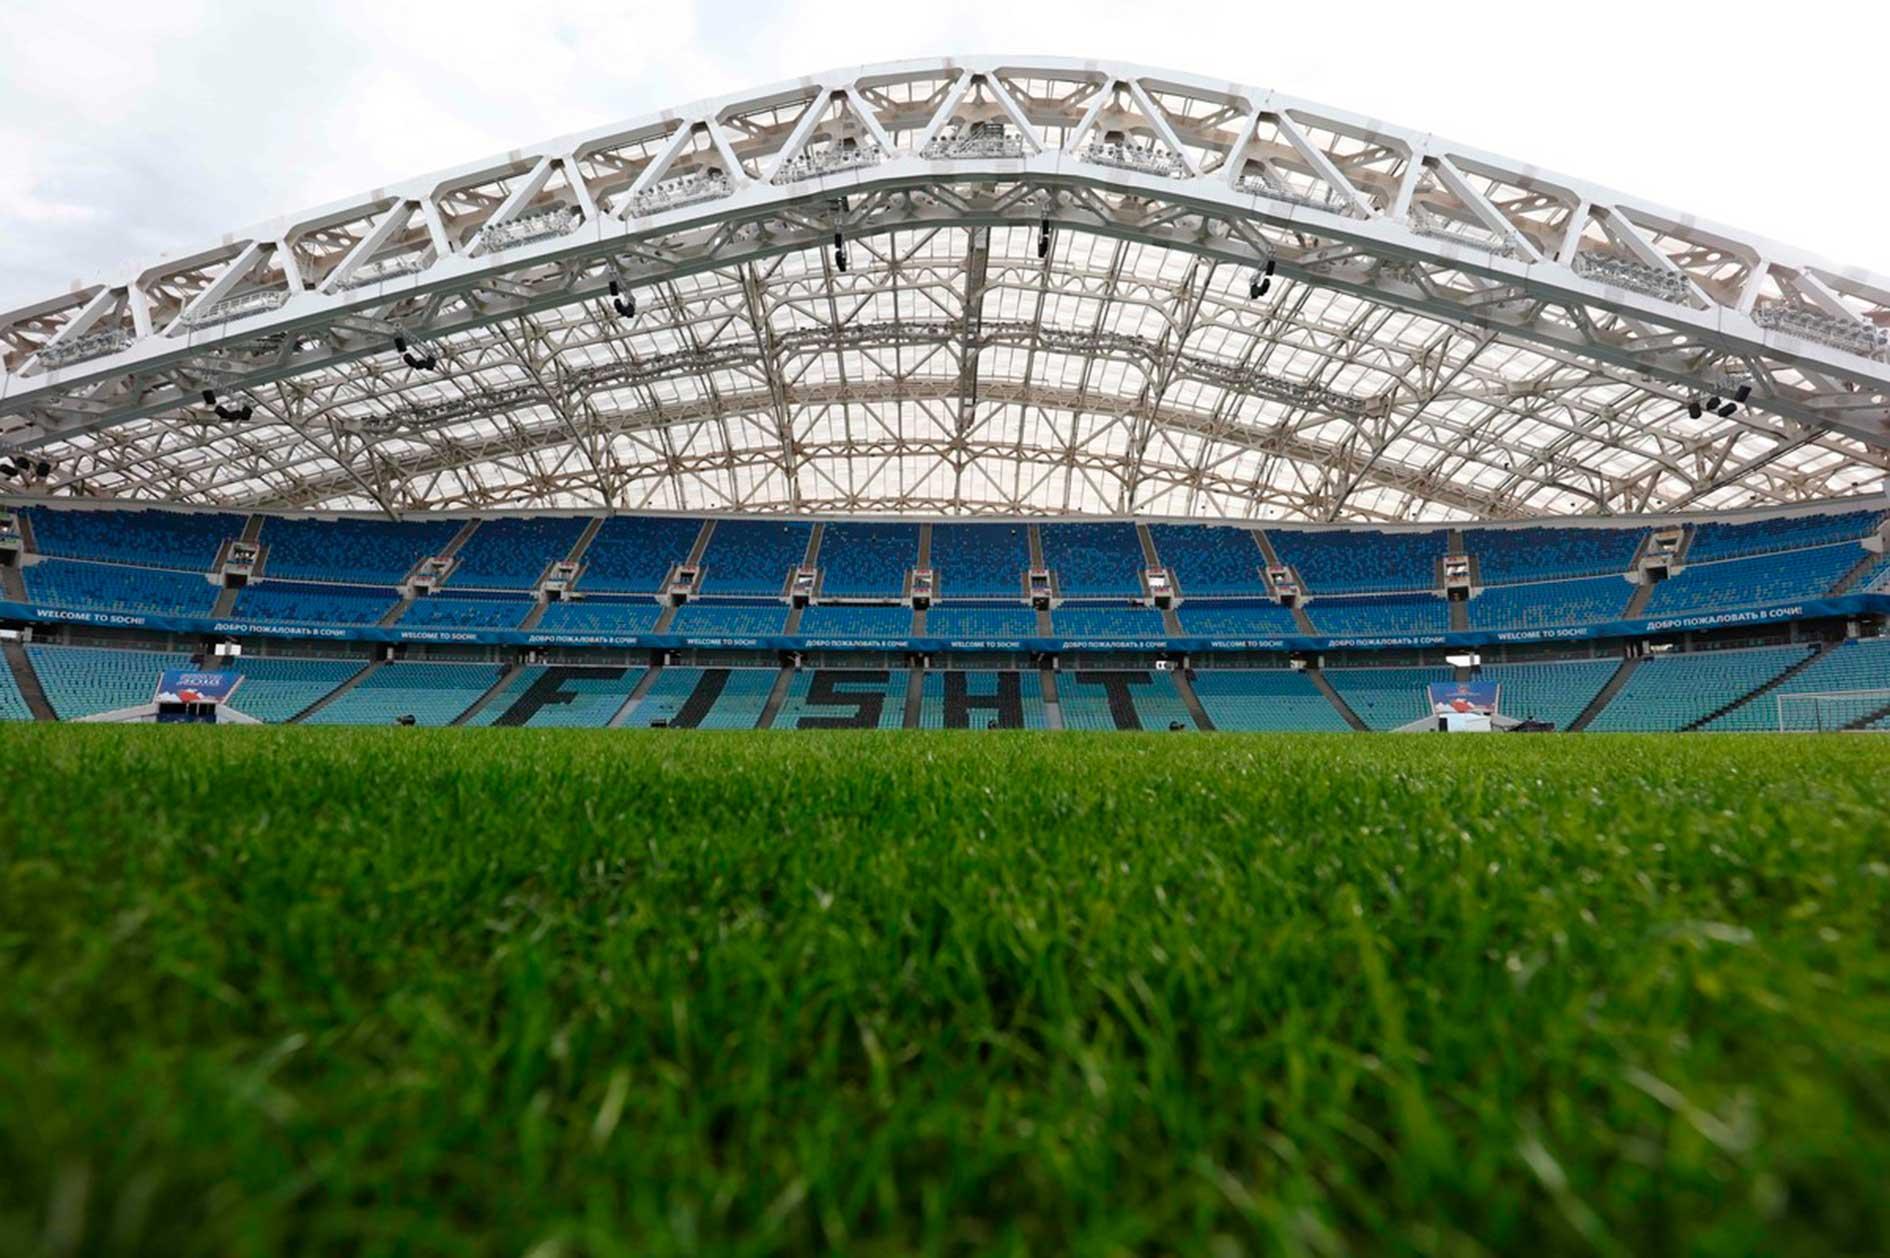 Asientos del Estadio Olímpico de Sochi